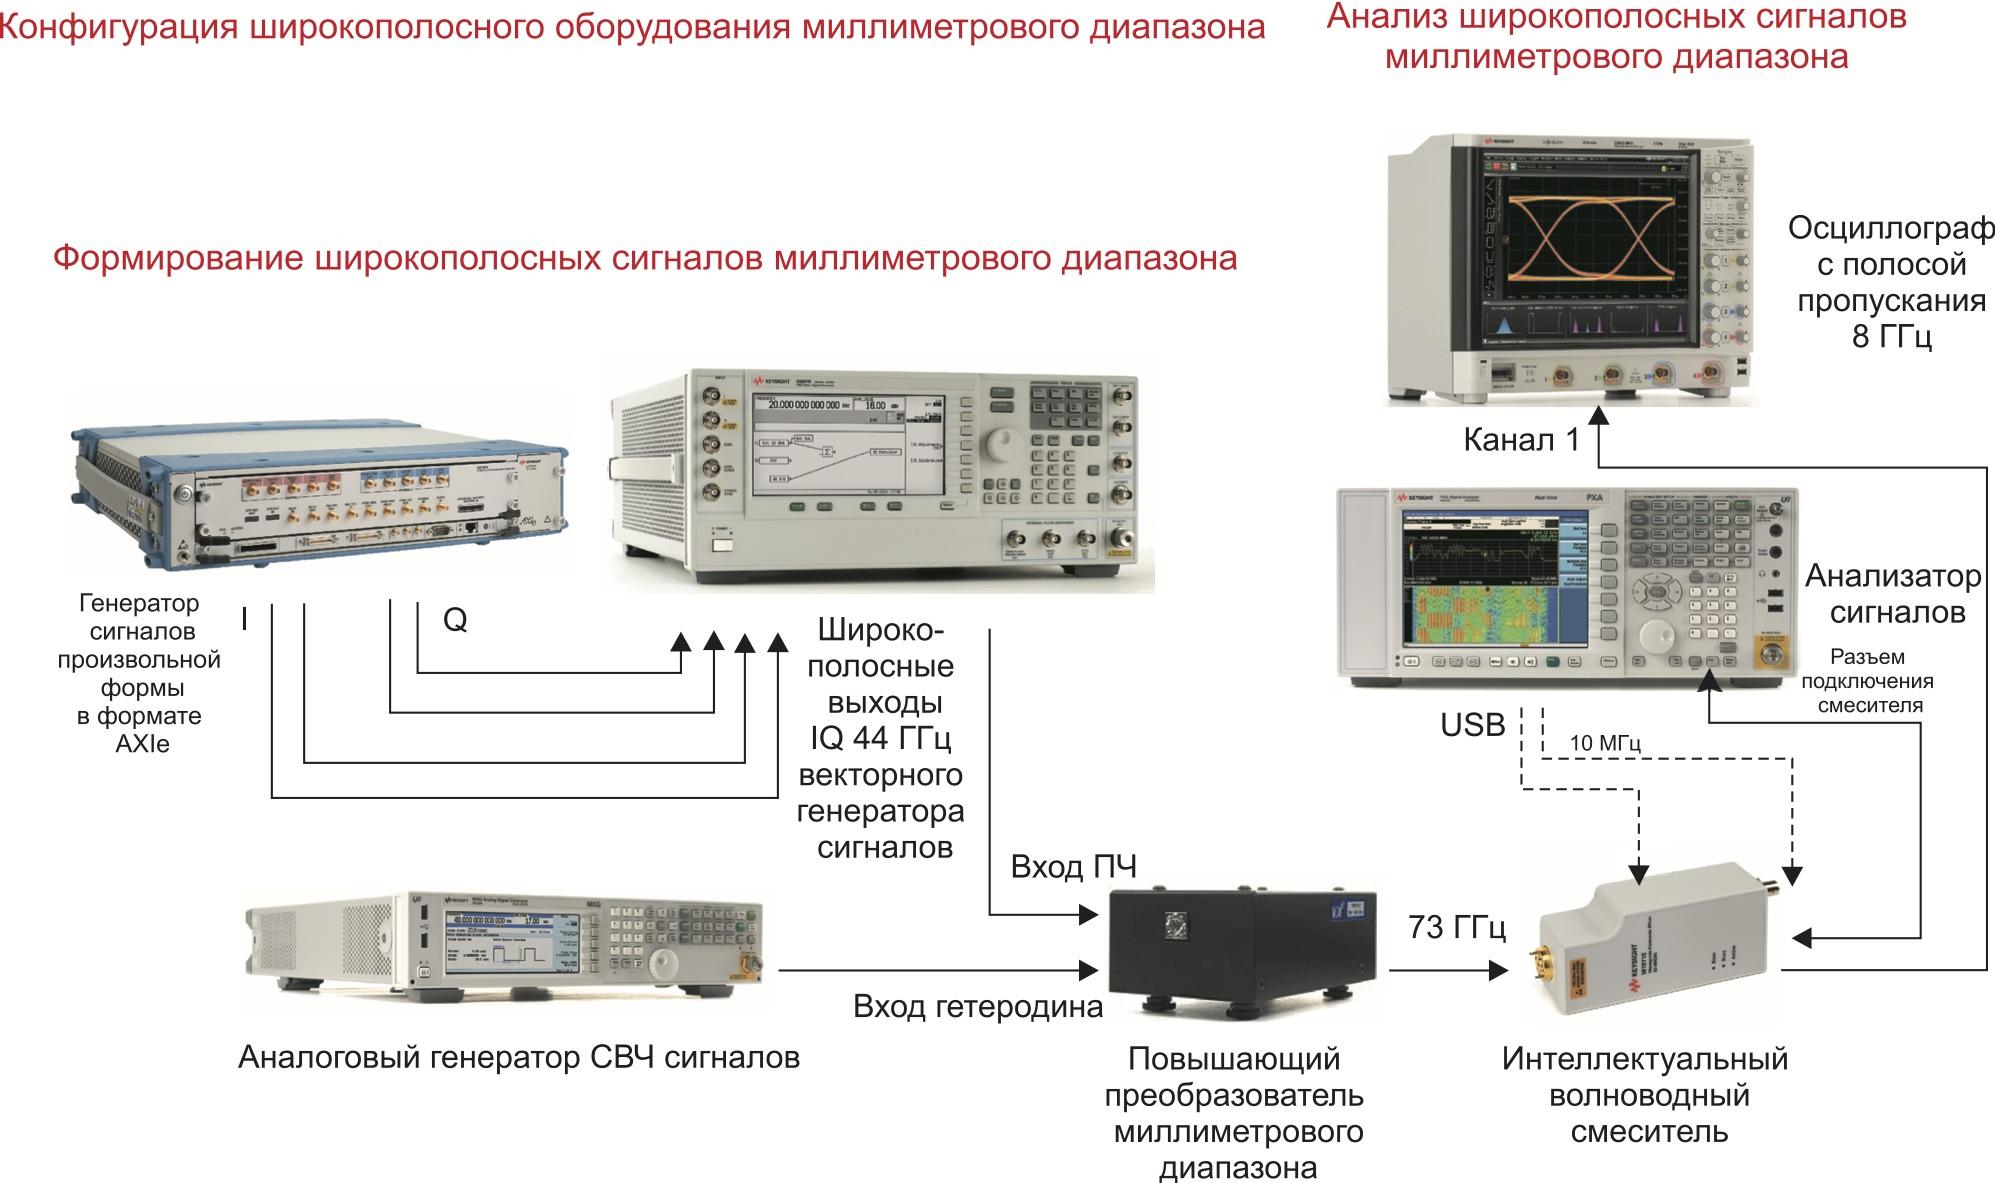 Конфигурация системы для формирования и анализа сигналов миллиметрового диапазона